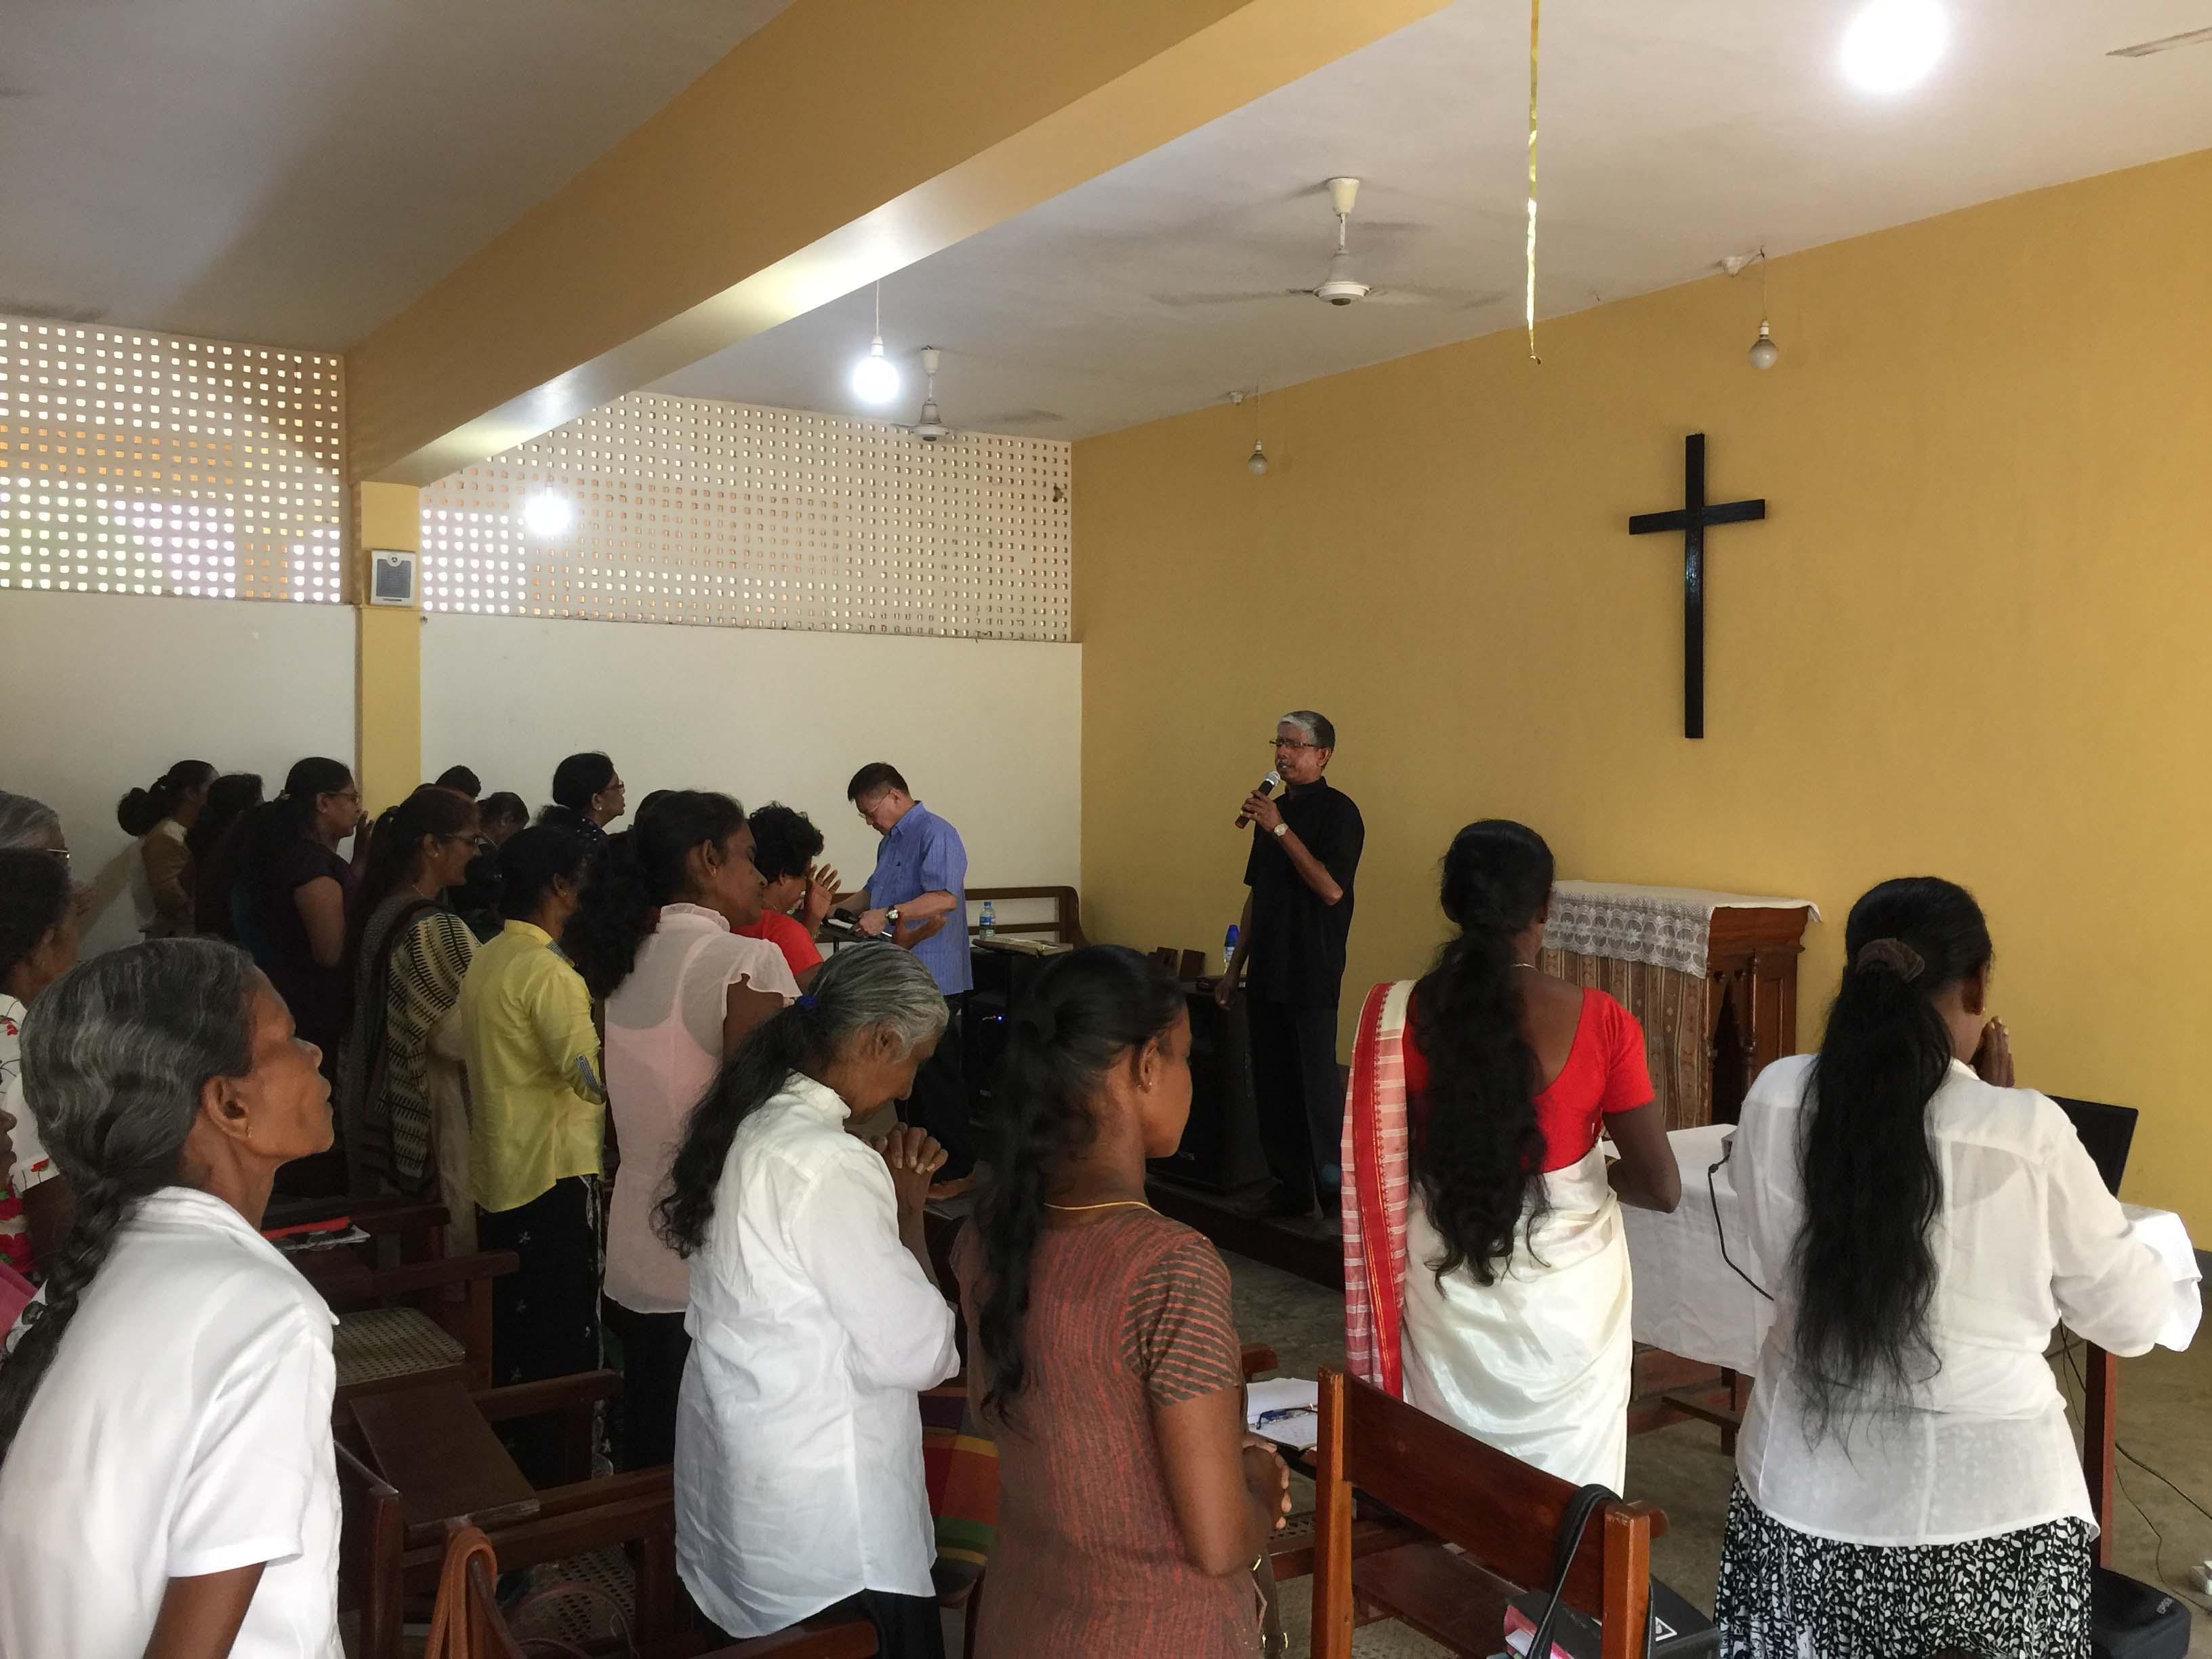 Pastor Stephen leading